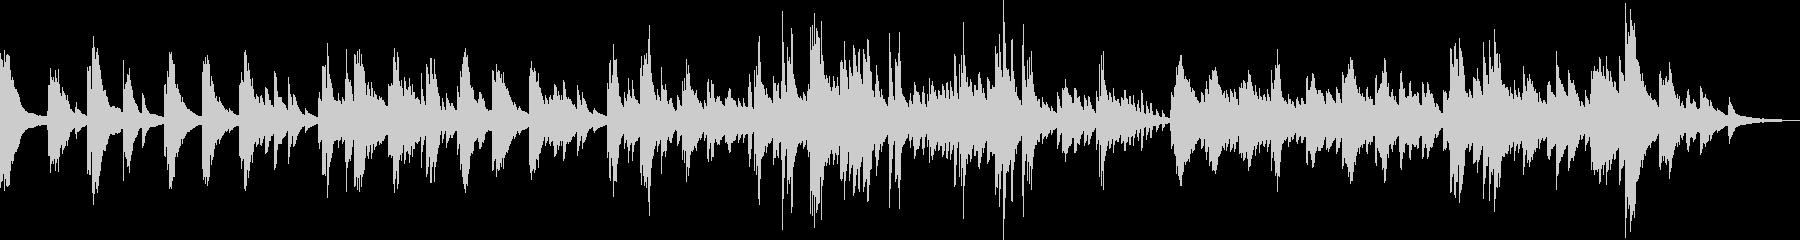 悲劇のピアノバラード(悲しい・切ない)の未再生の波形